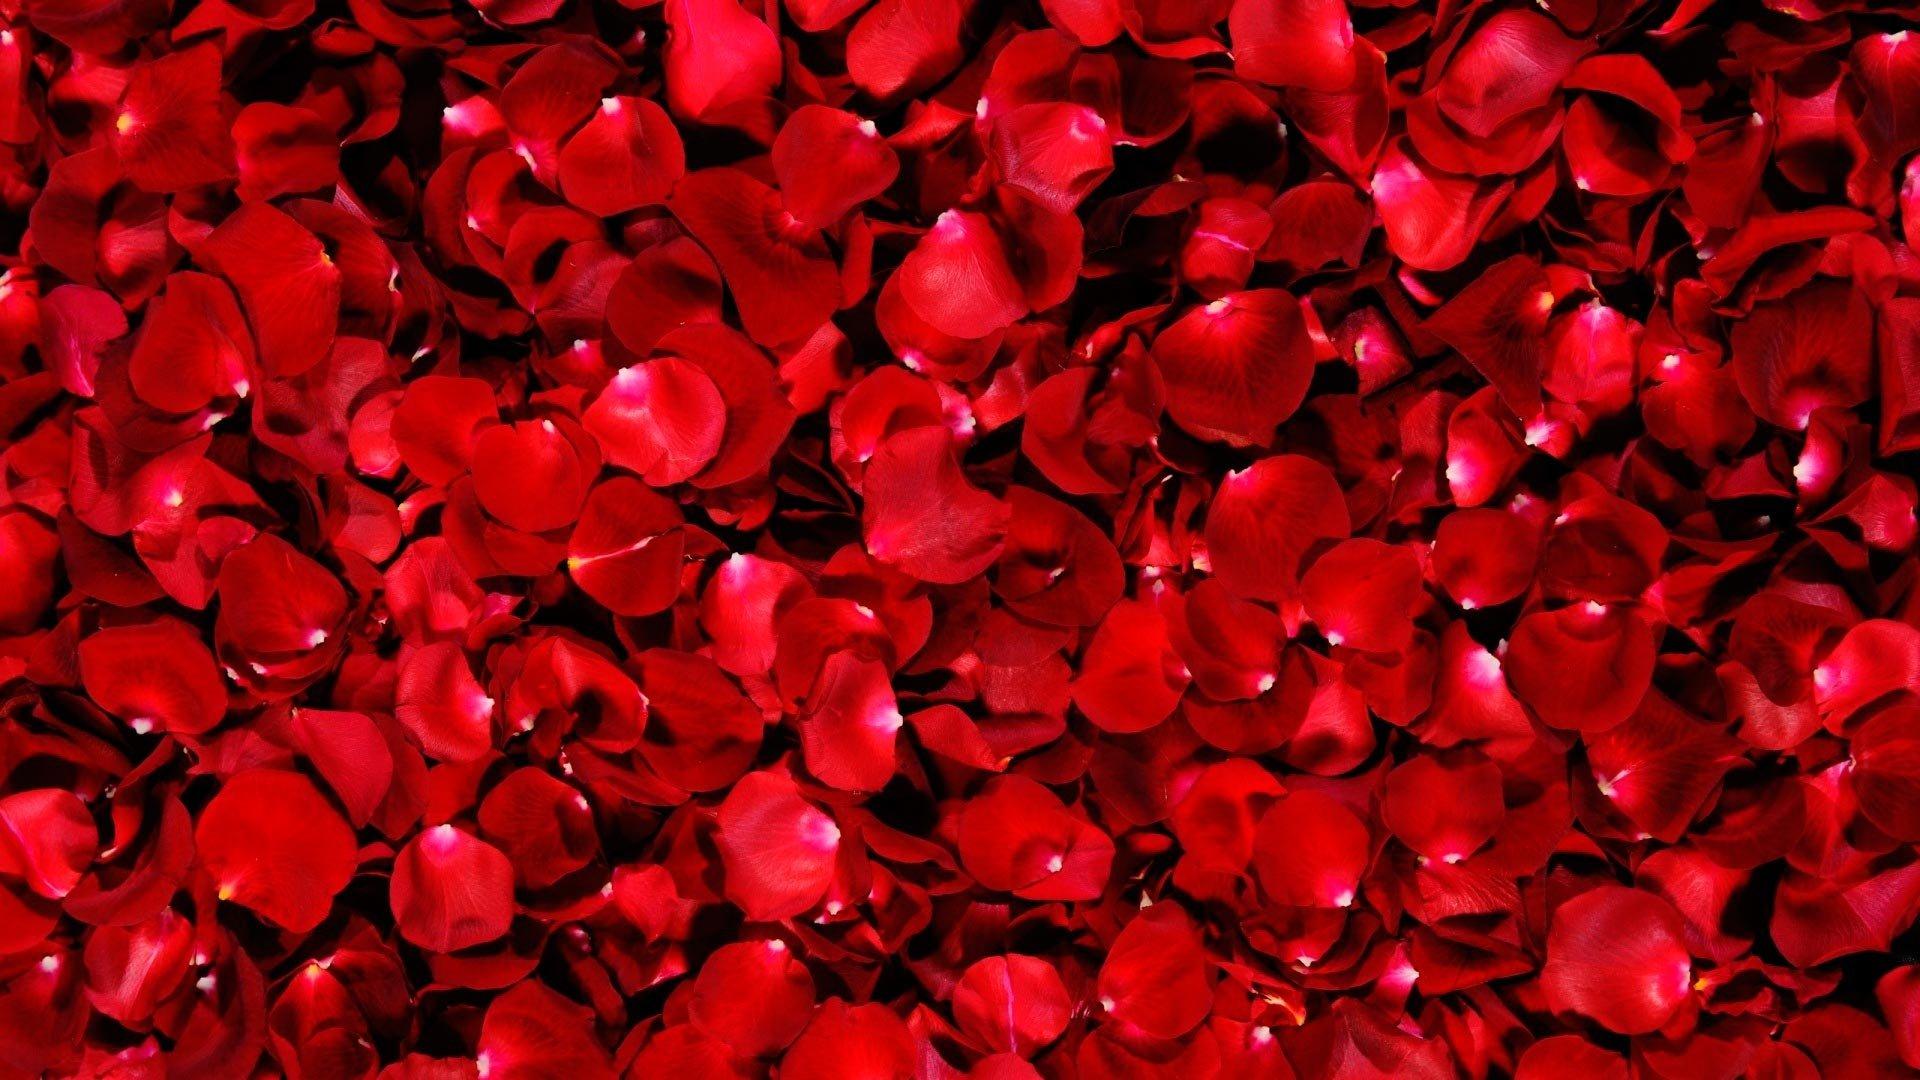 Petals beautiful roses petals red macro wallpaper - Red rose petals wallpaper ...